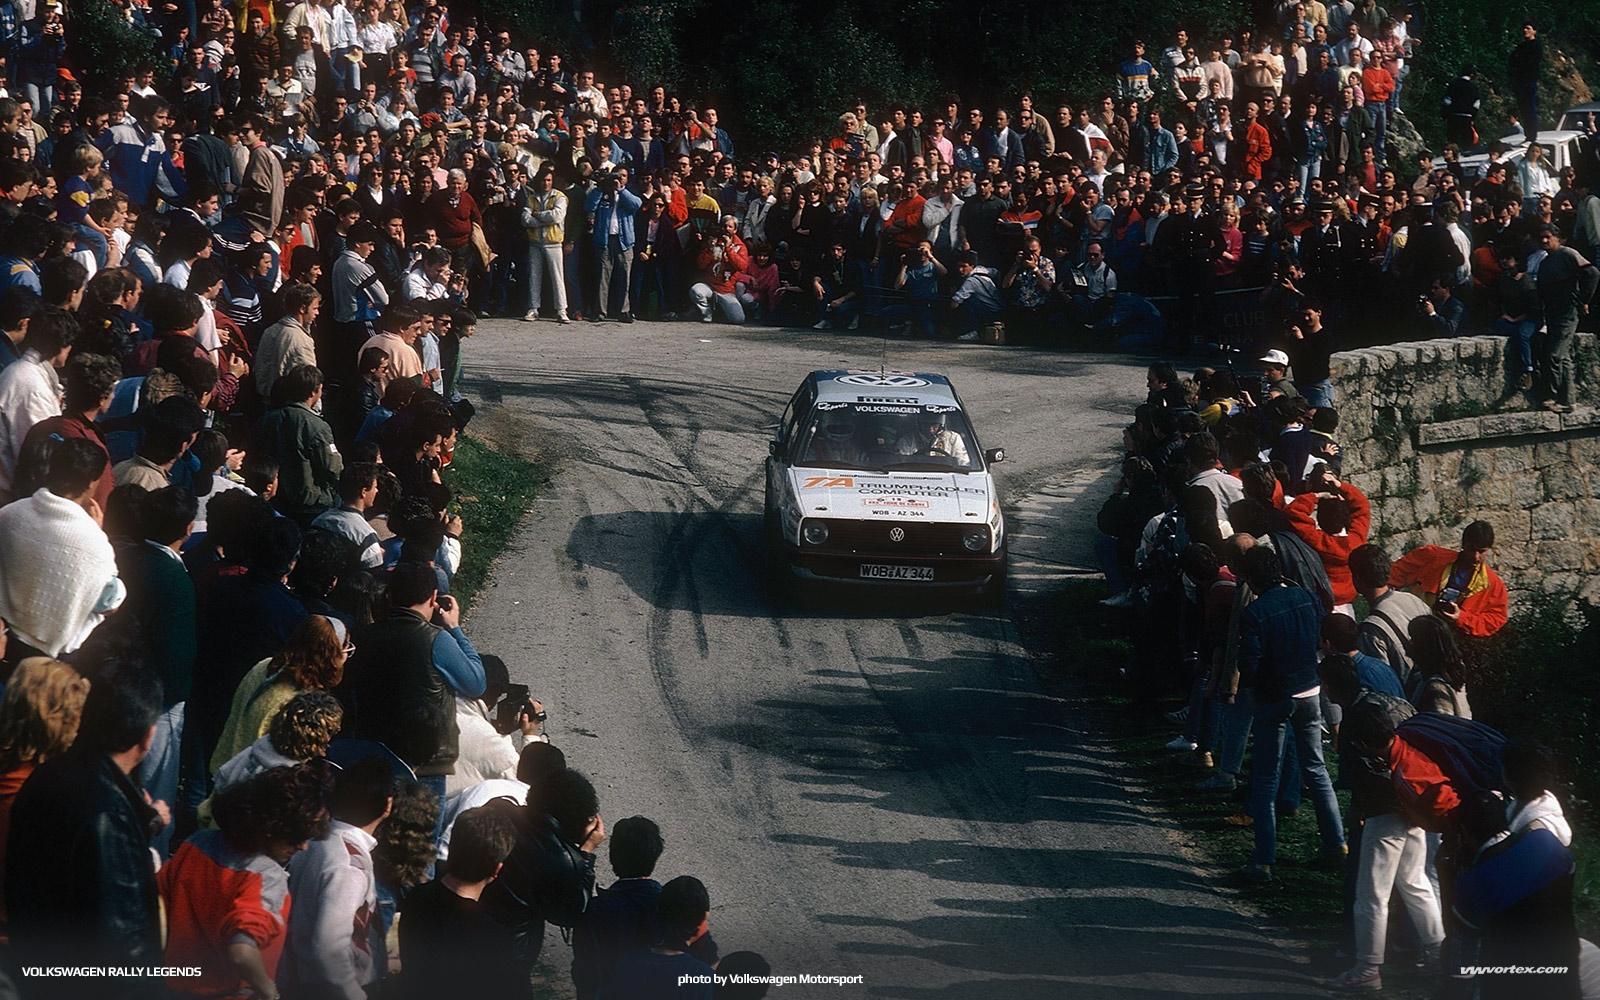 volkswagen-rally-legends-404